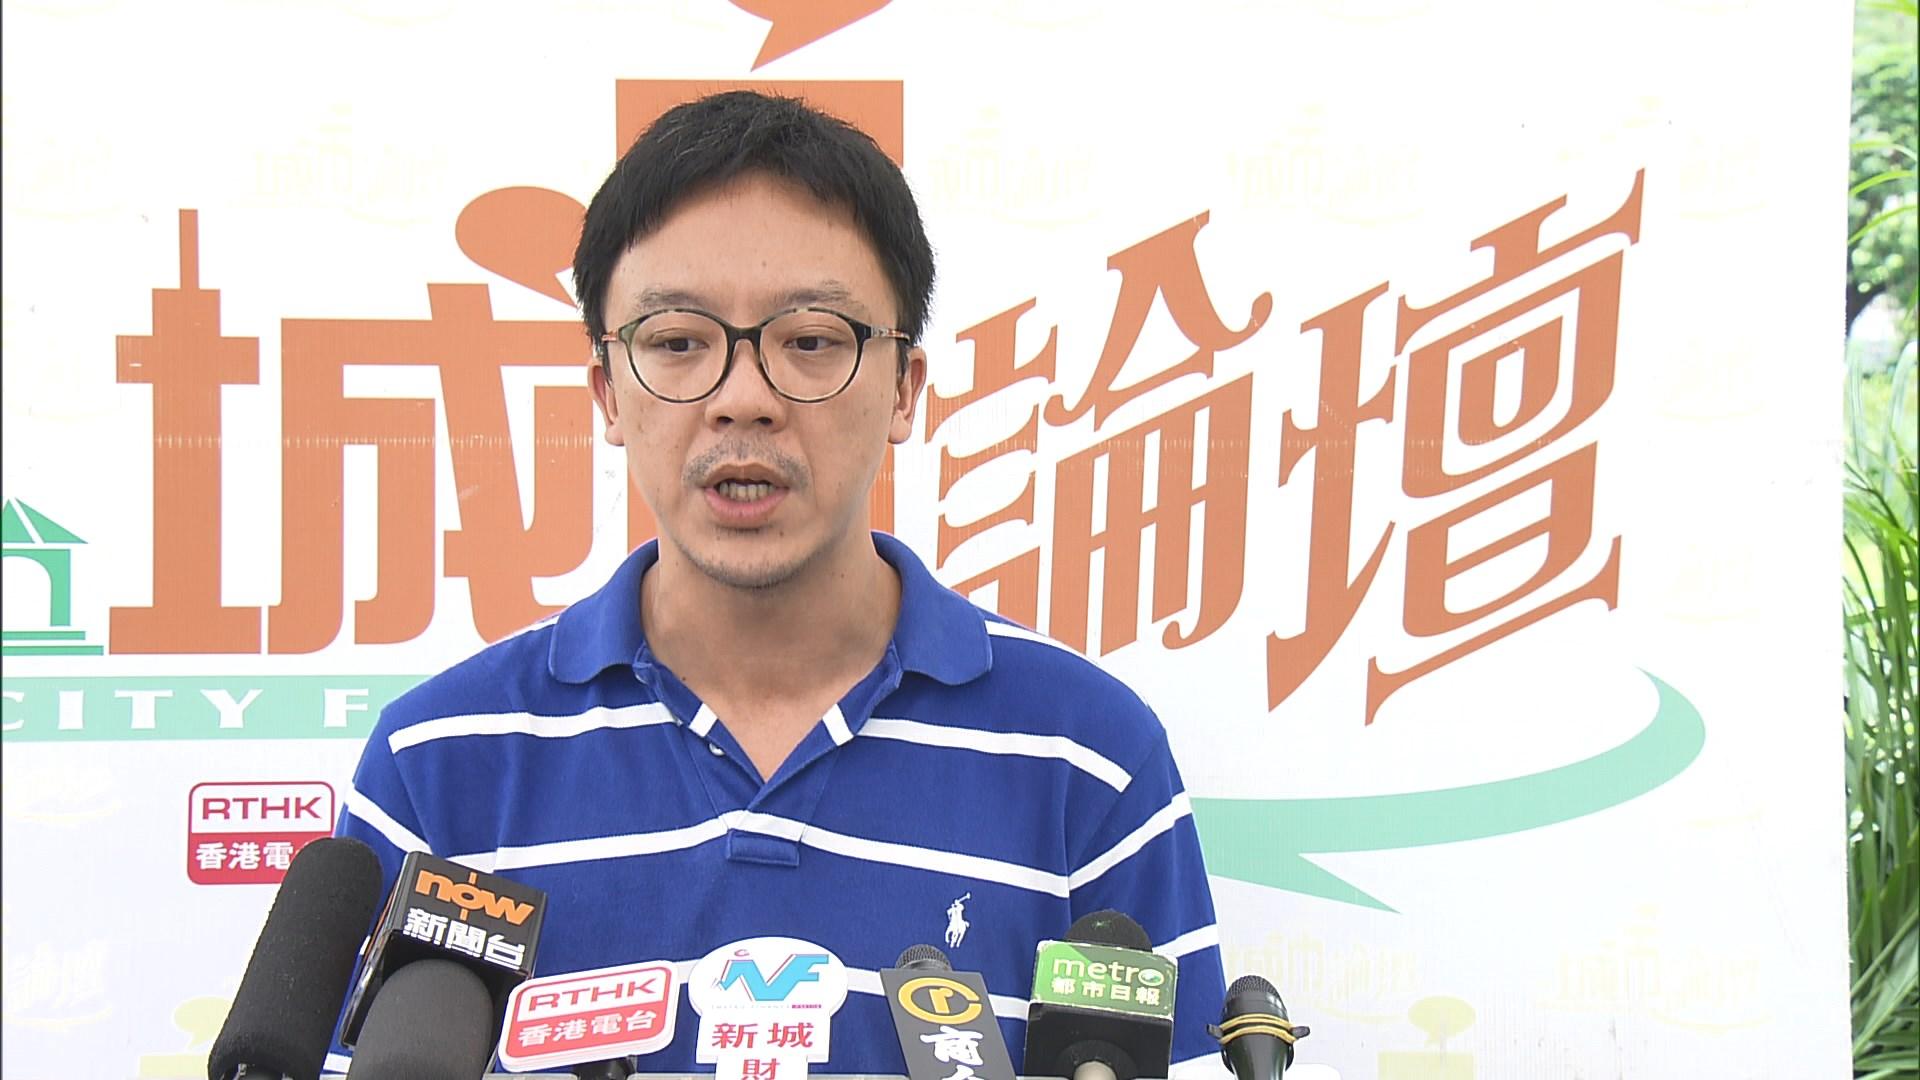 光復元朗申請人鍾健平被警察帶走調查